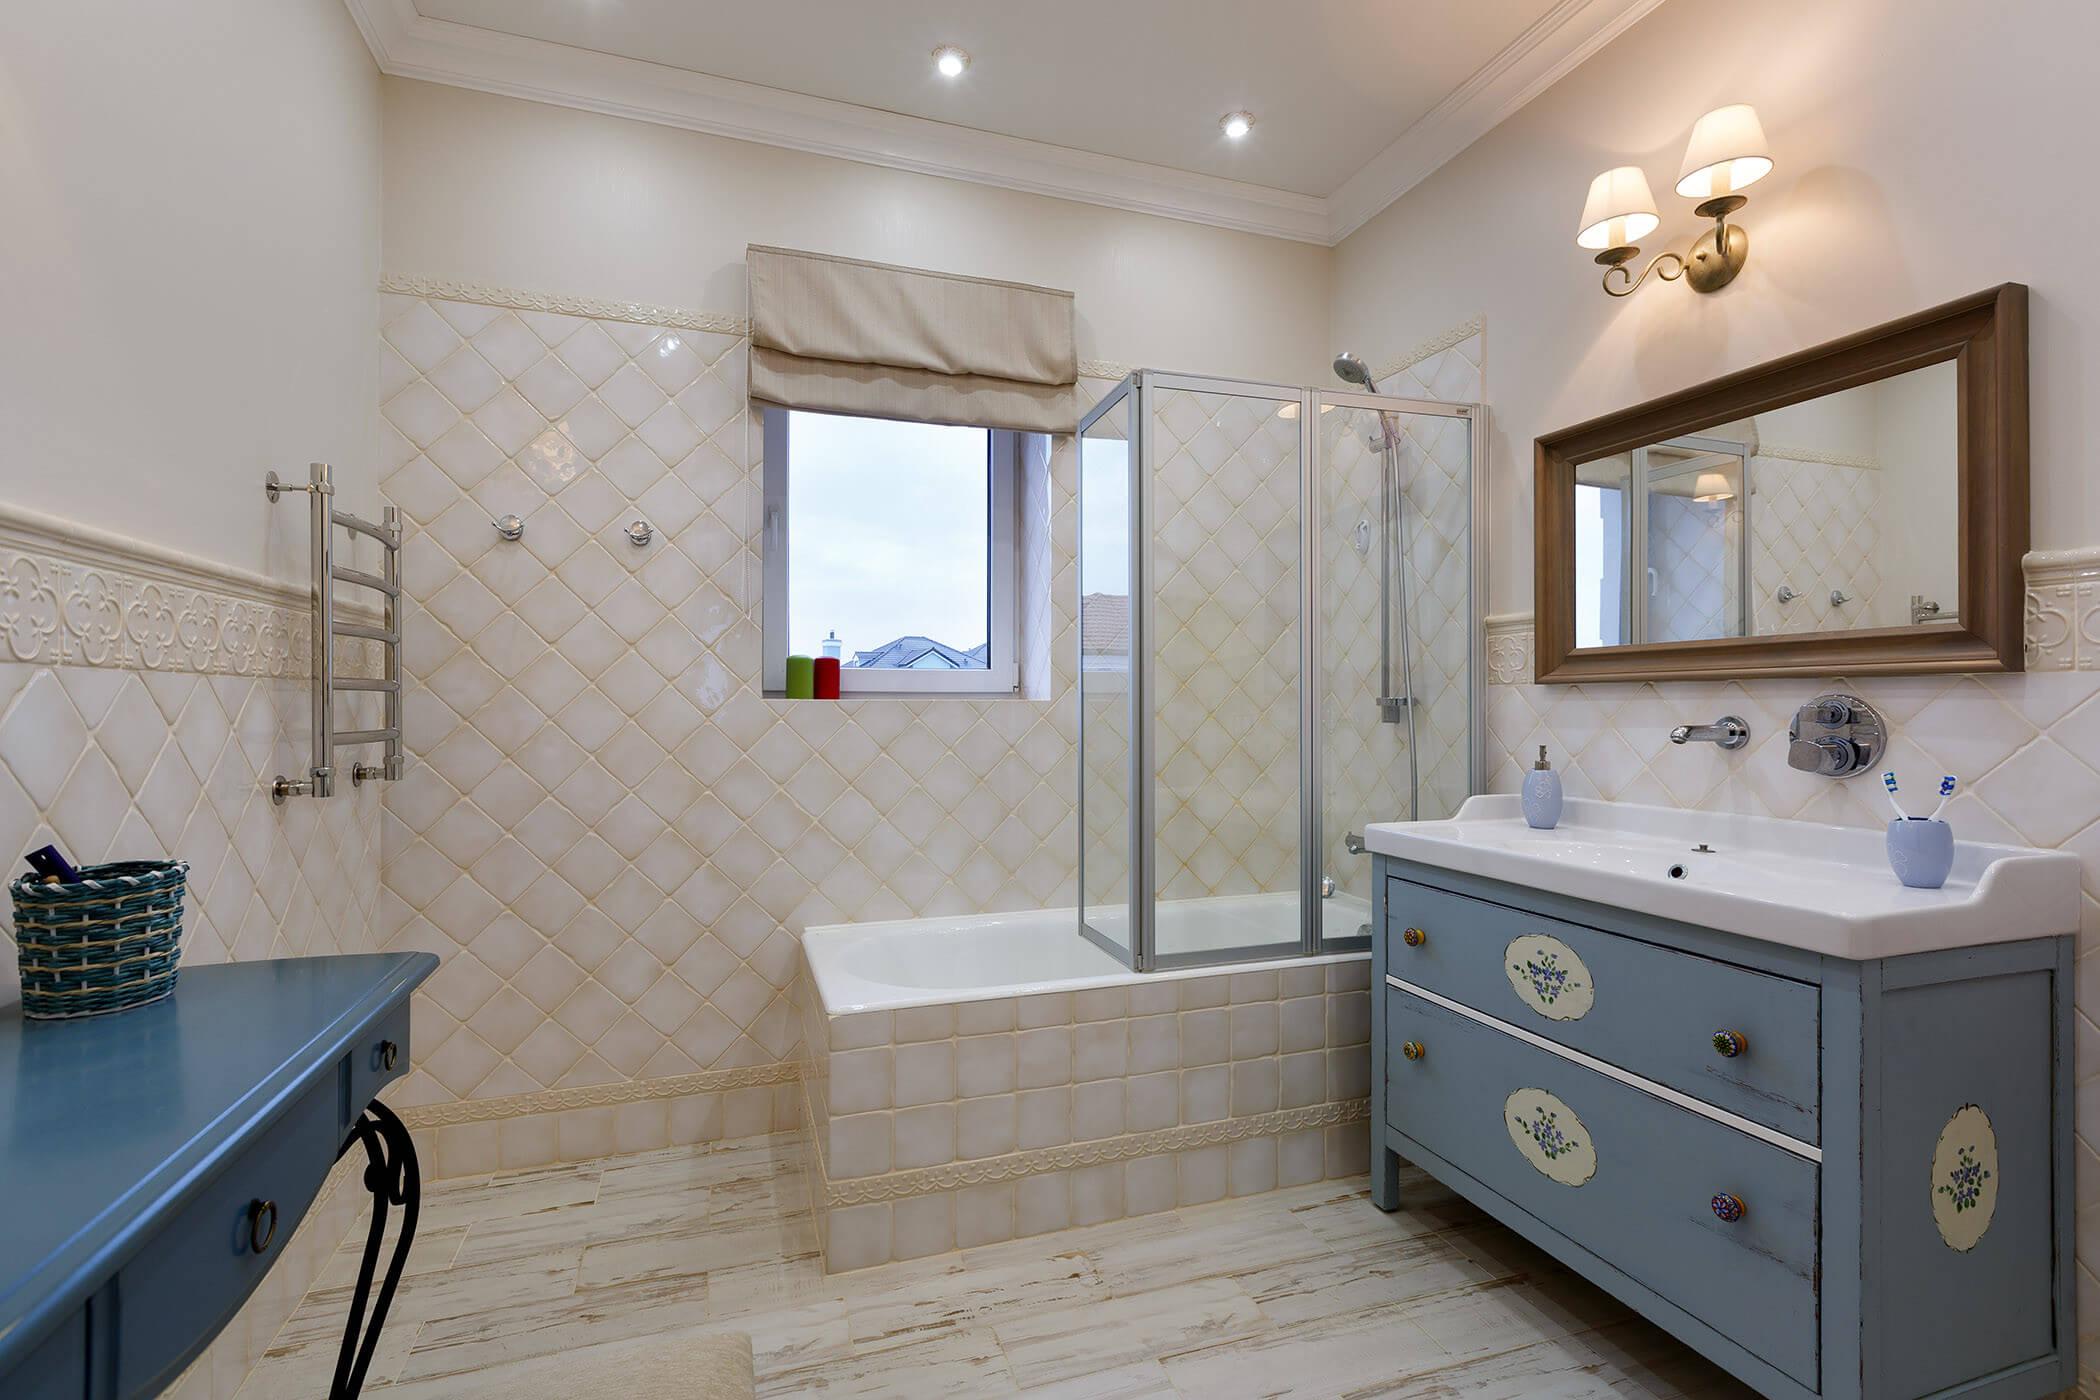 Ванная комната в стиле прованс в светлых и серых оттенках